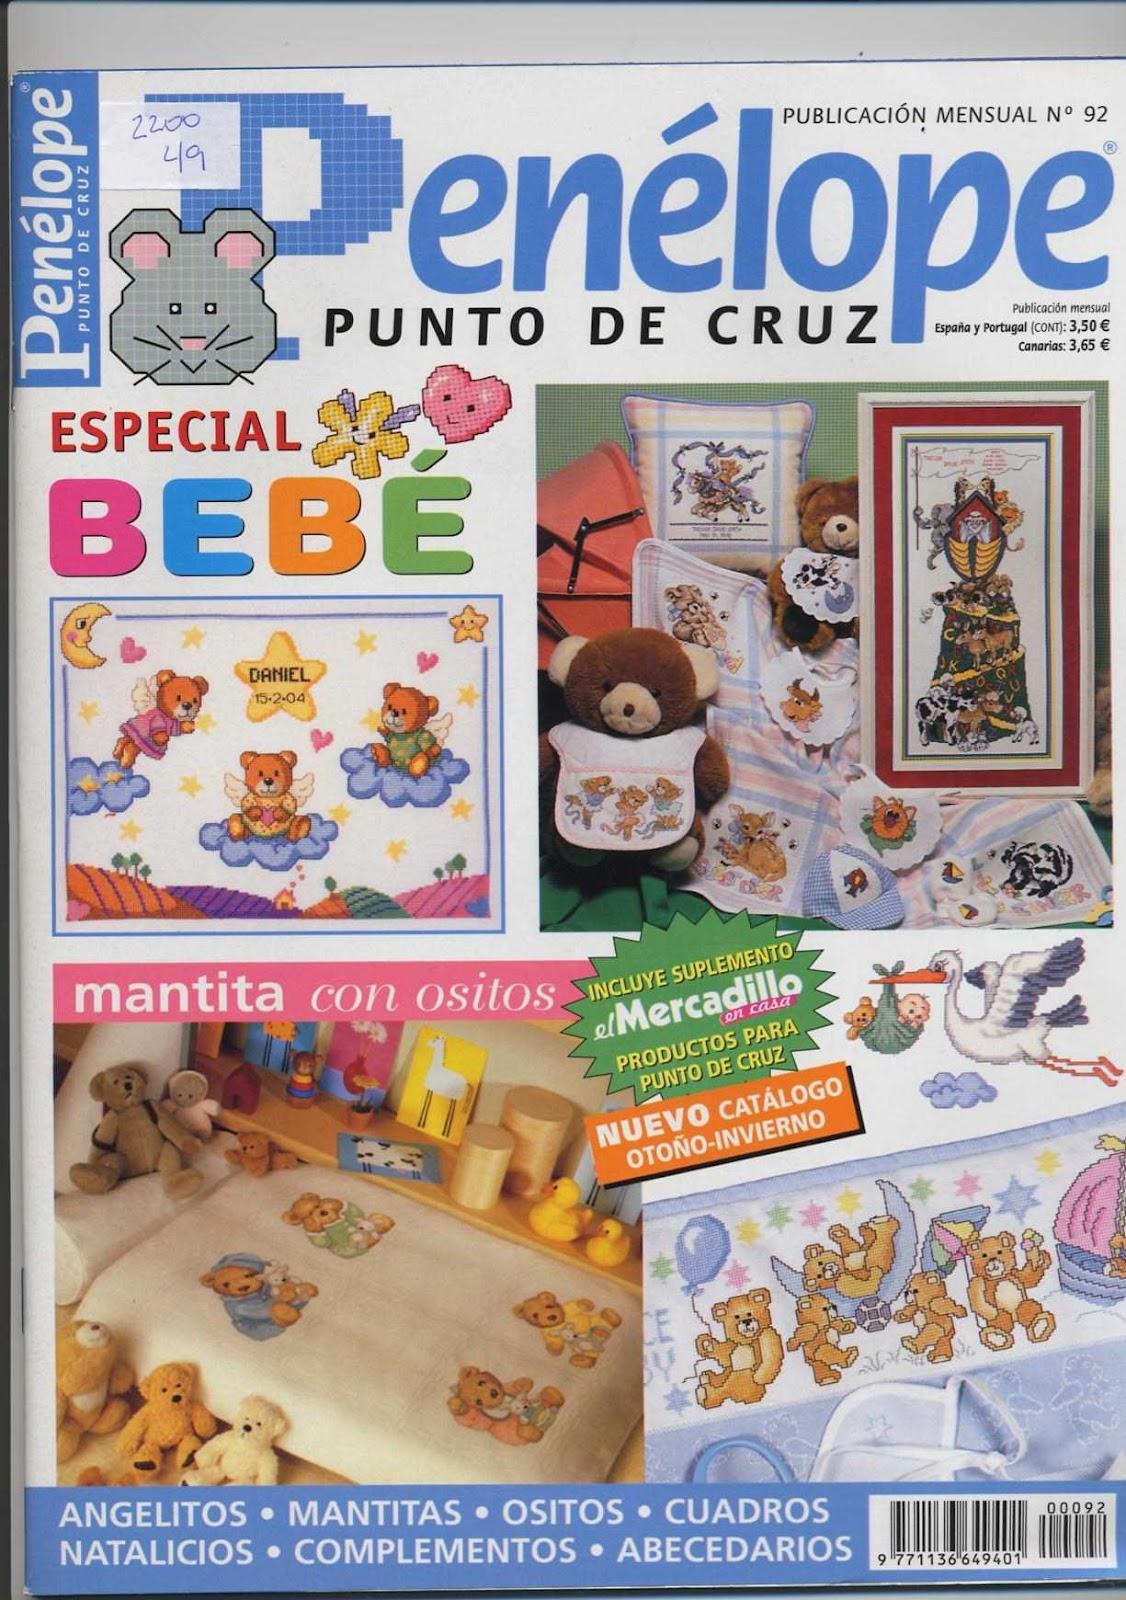 http://3.bp.blogspot.com/-fKajecezSdc/UAO5yAFOCPI/AAAAAAAAAiI/kNiBongO22A/s1600/Penelope92001.JPG